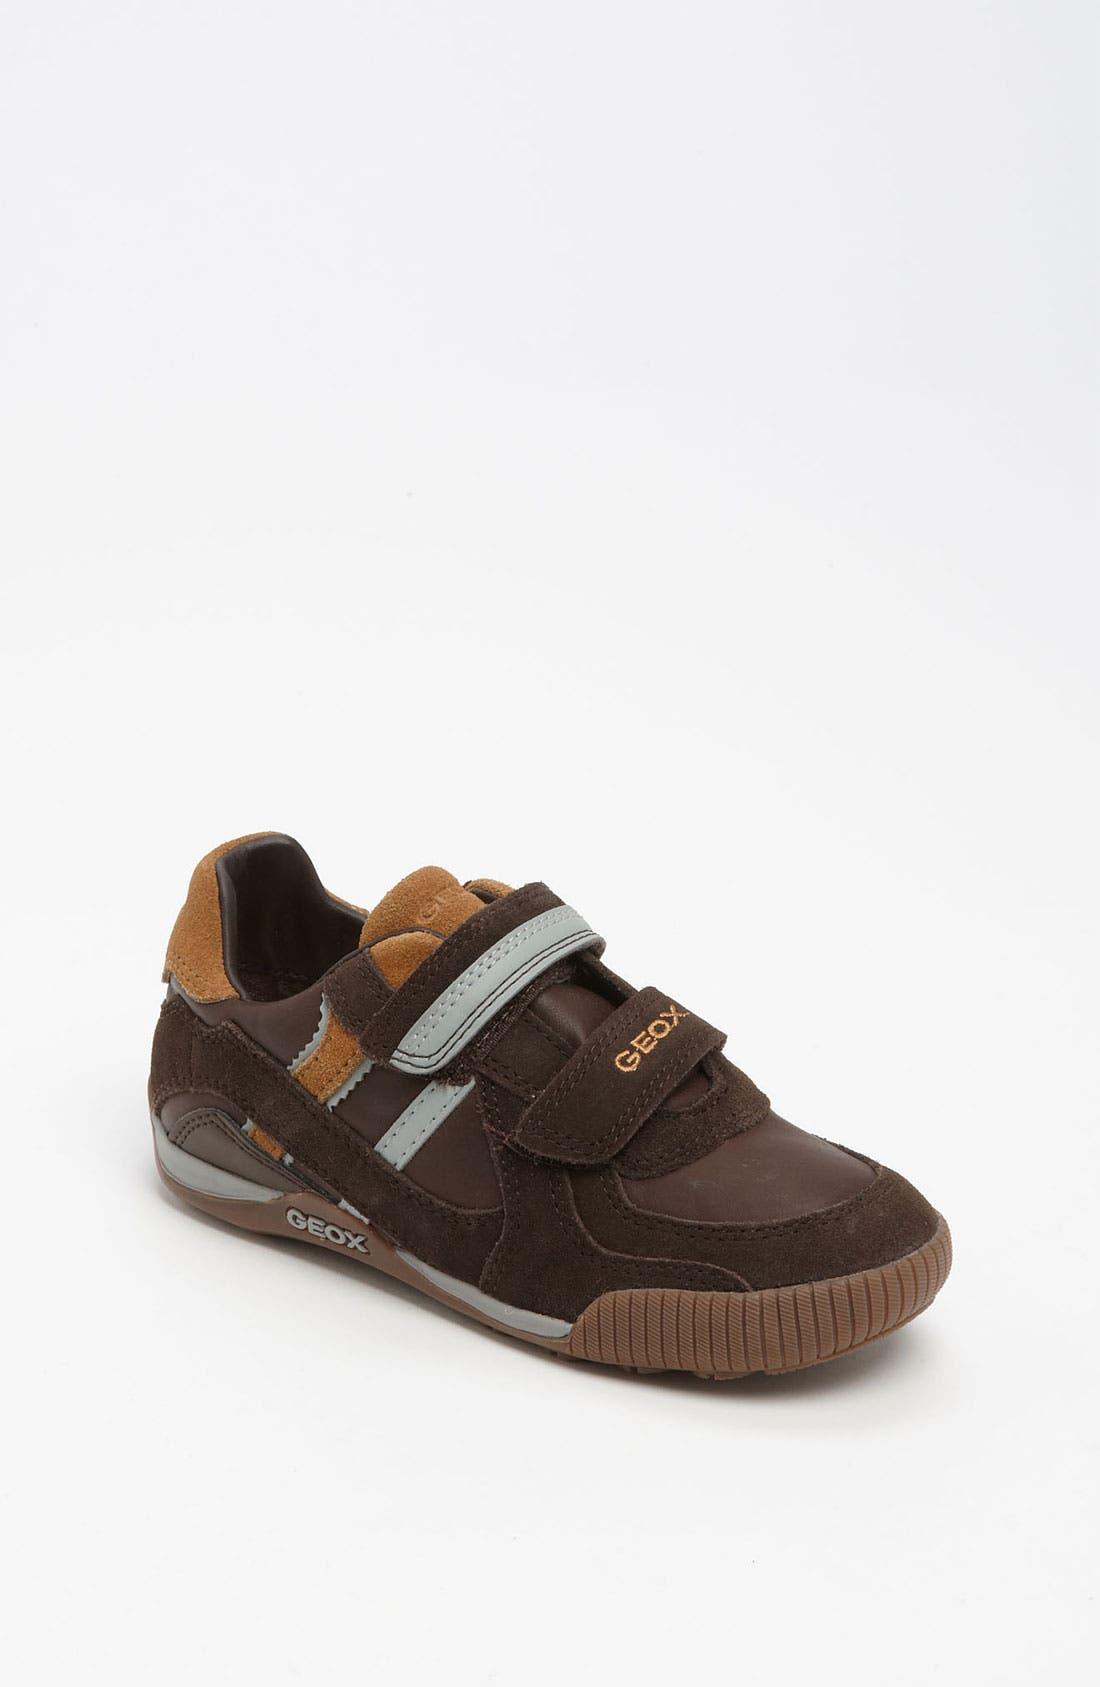 Alternate Image 1 Selected - Geox 'Olimpus' Sneaker (Toddler, Little Kid & Big Kid)